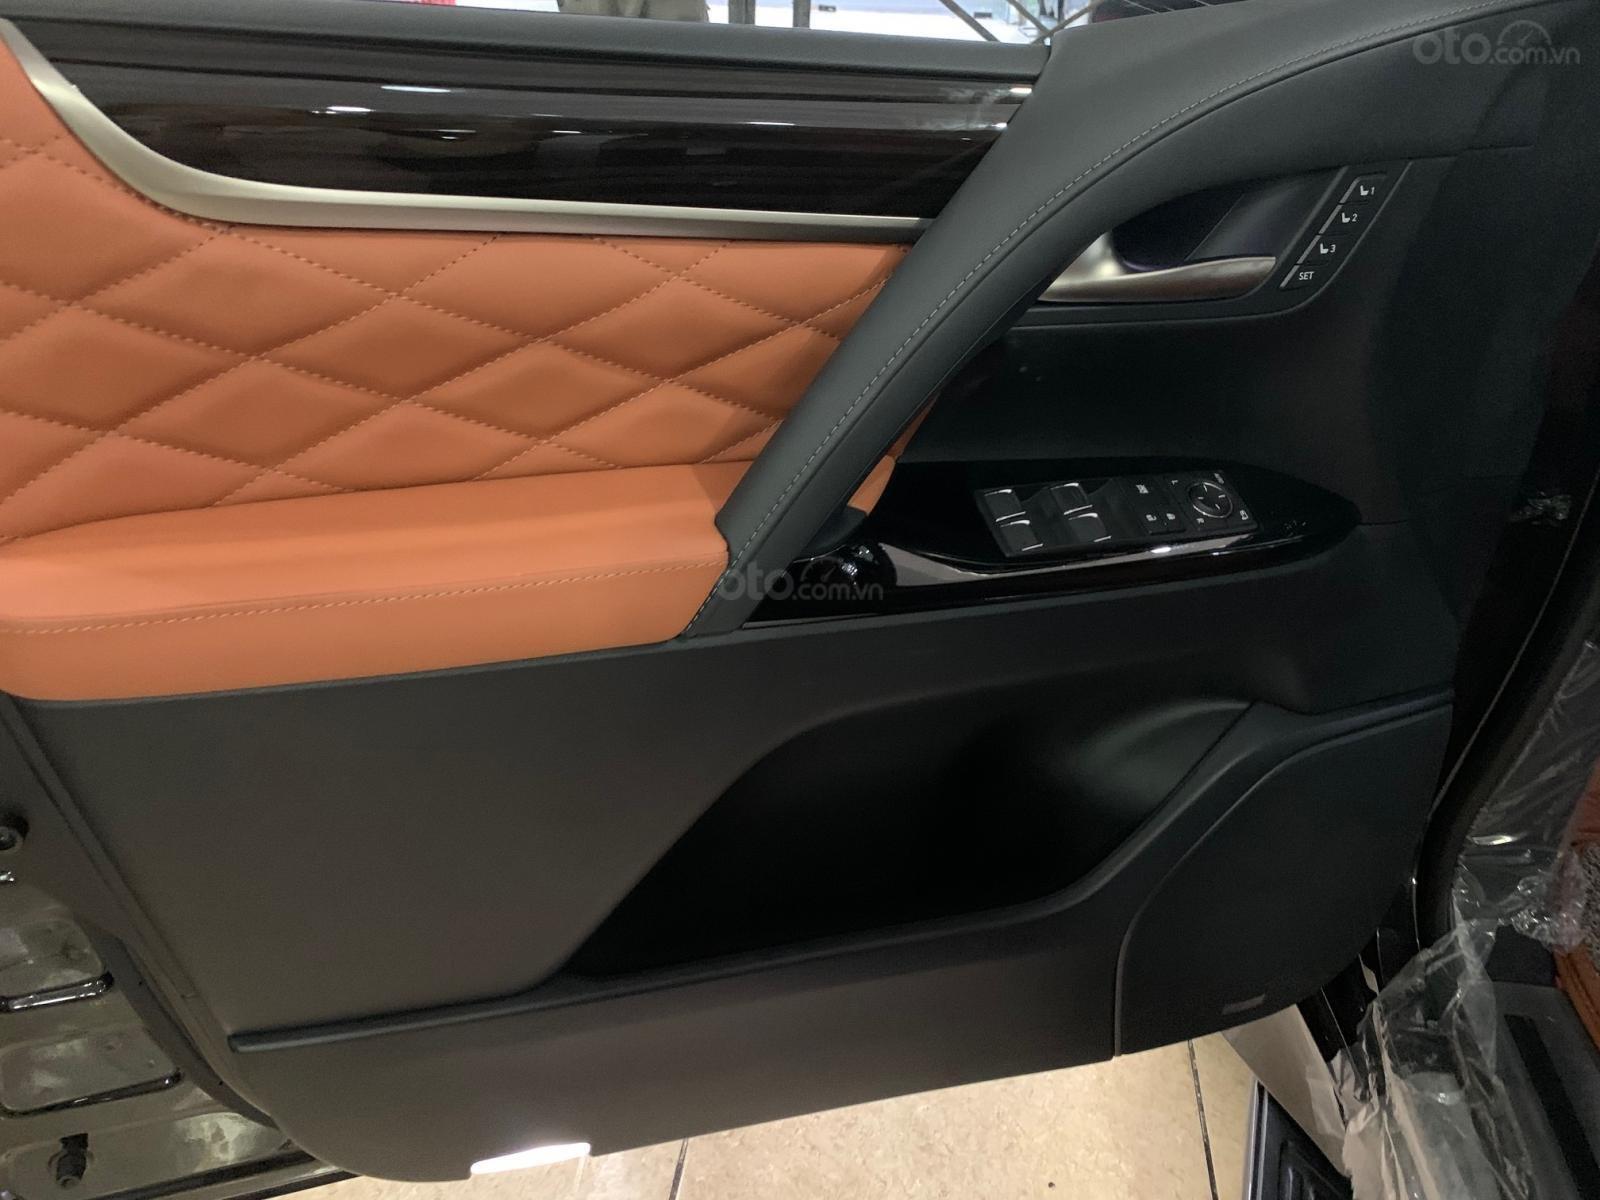 Bán xe Toyota Land Cruiser VXS 5.7 đời 2020, phiên bản 4 chỗ MBS cao cấp duy nhất Việt Nam (11)